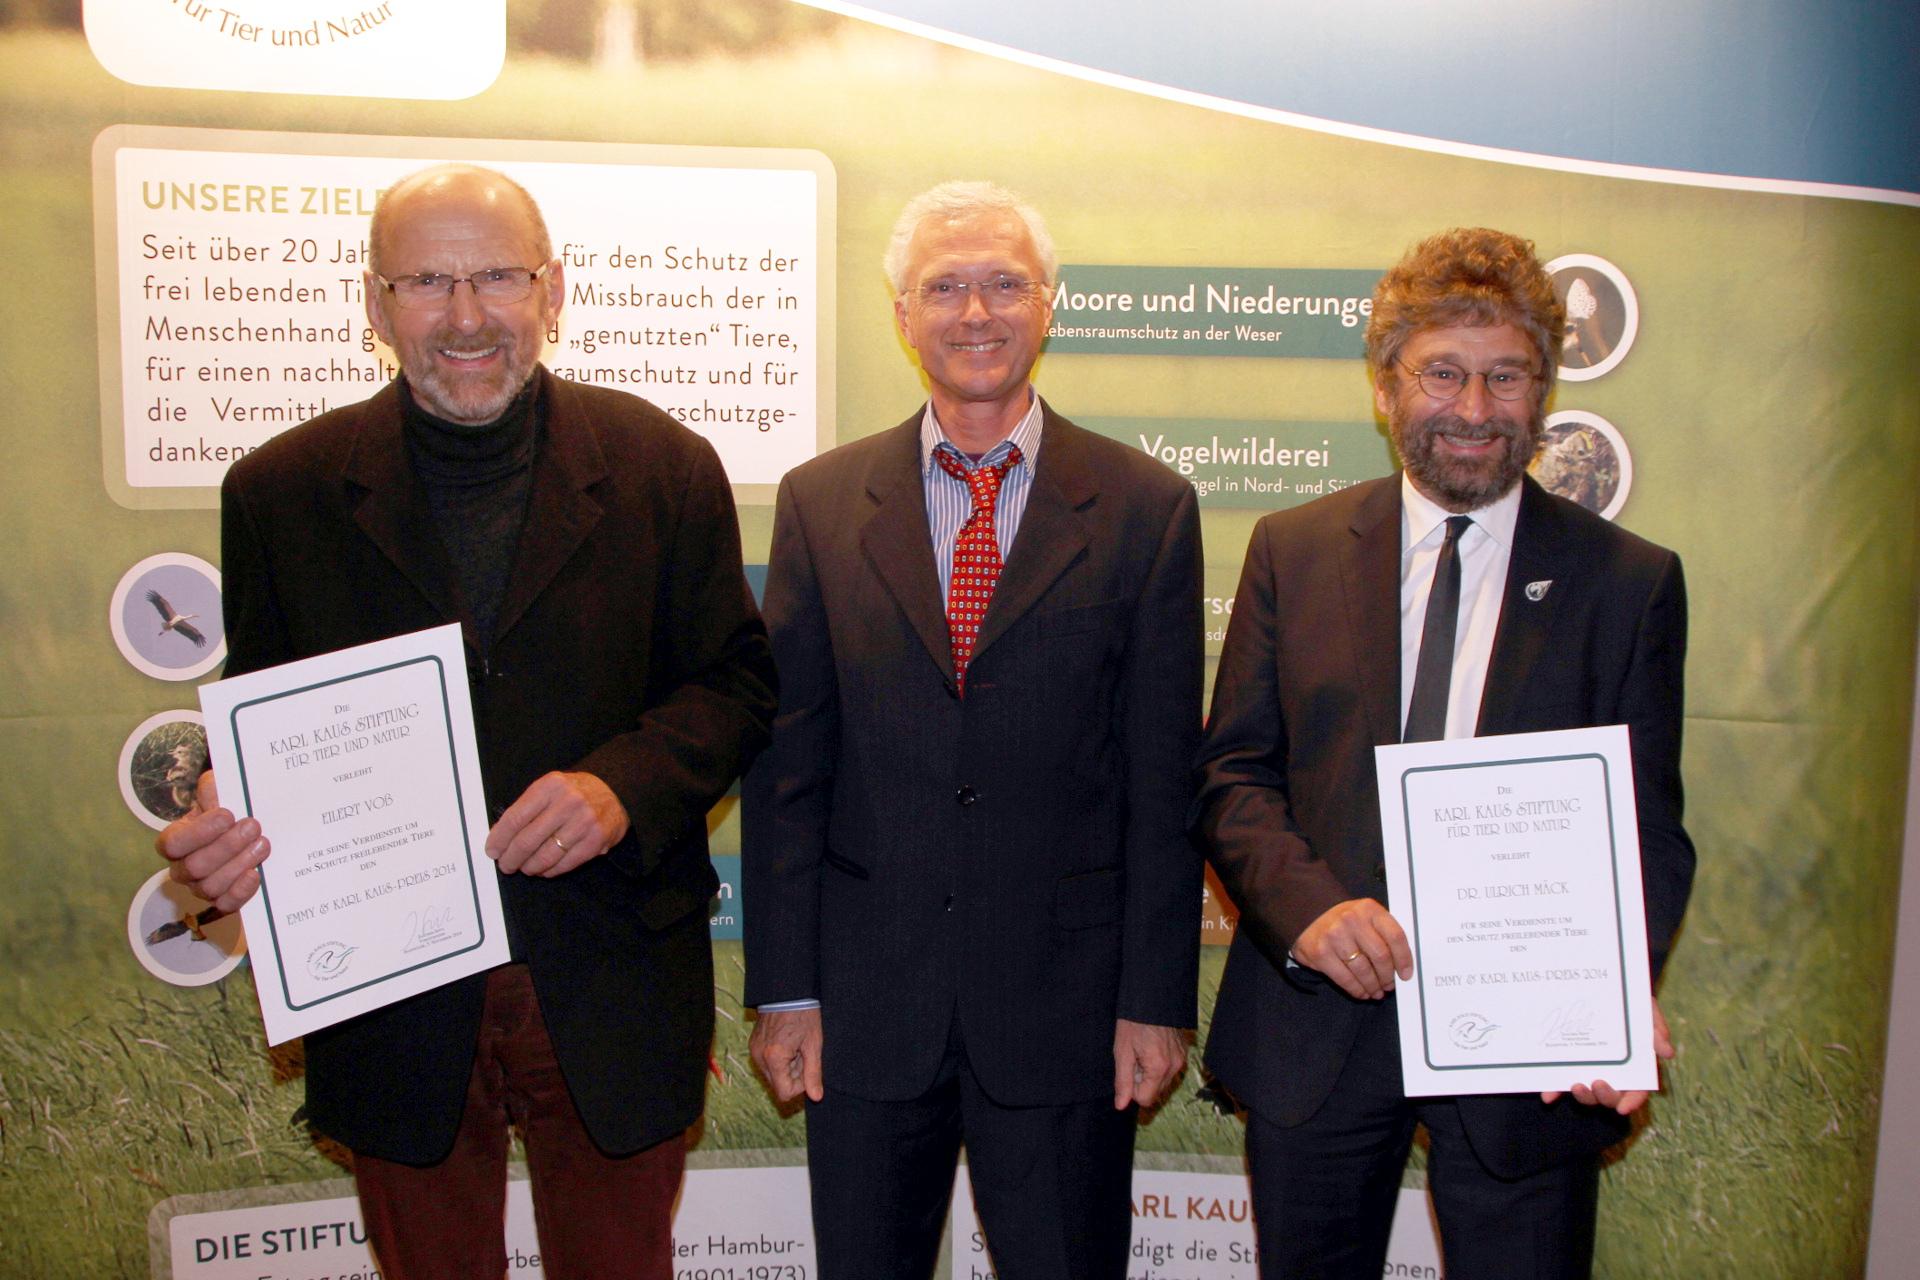 Der Vorsitzende der Stiftung Joachim Seitz (Mitte) überreicht den Emmy & Karl Kaus-Preis 2014 an Eilert Voß (links) und Dr. Ulrich Mäck (rechts)